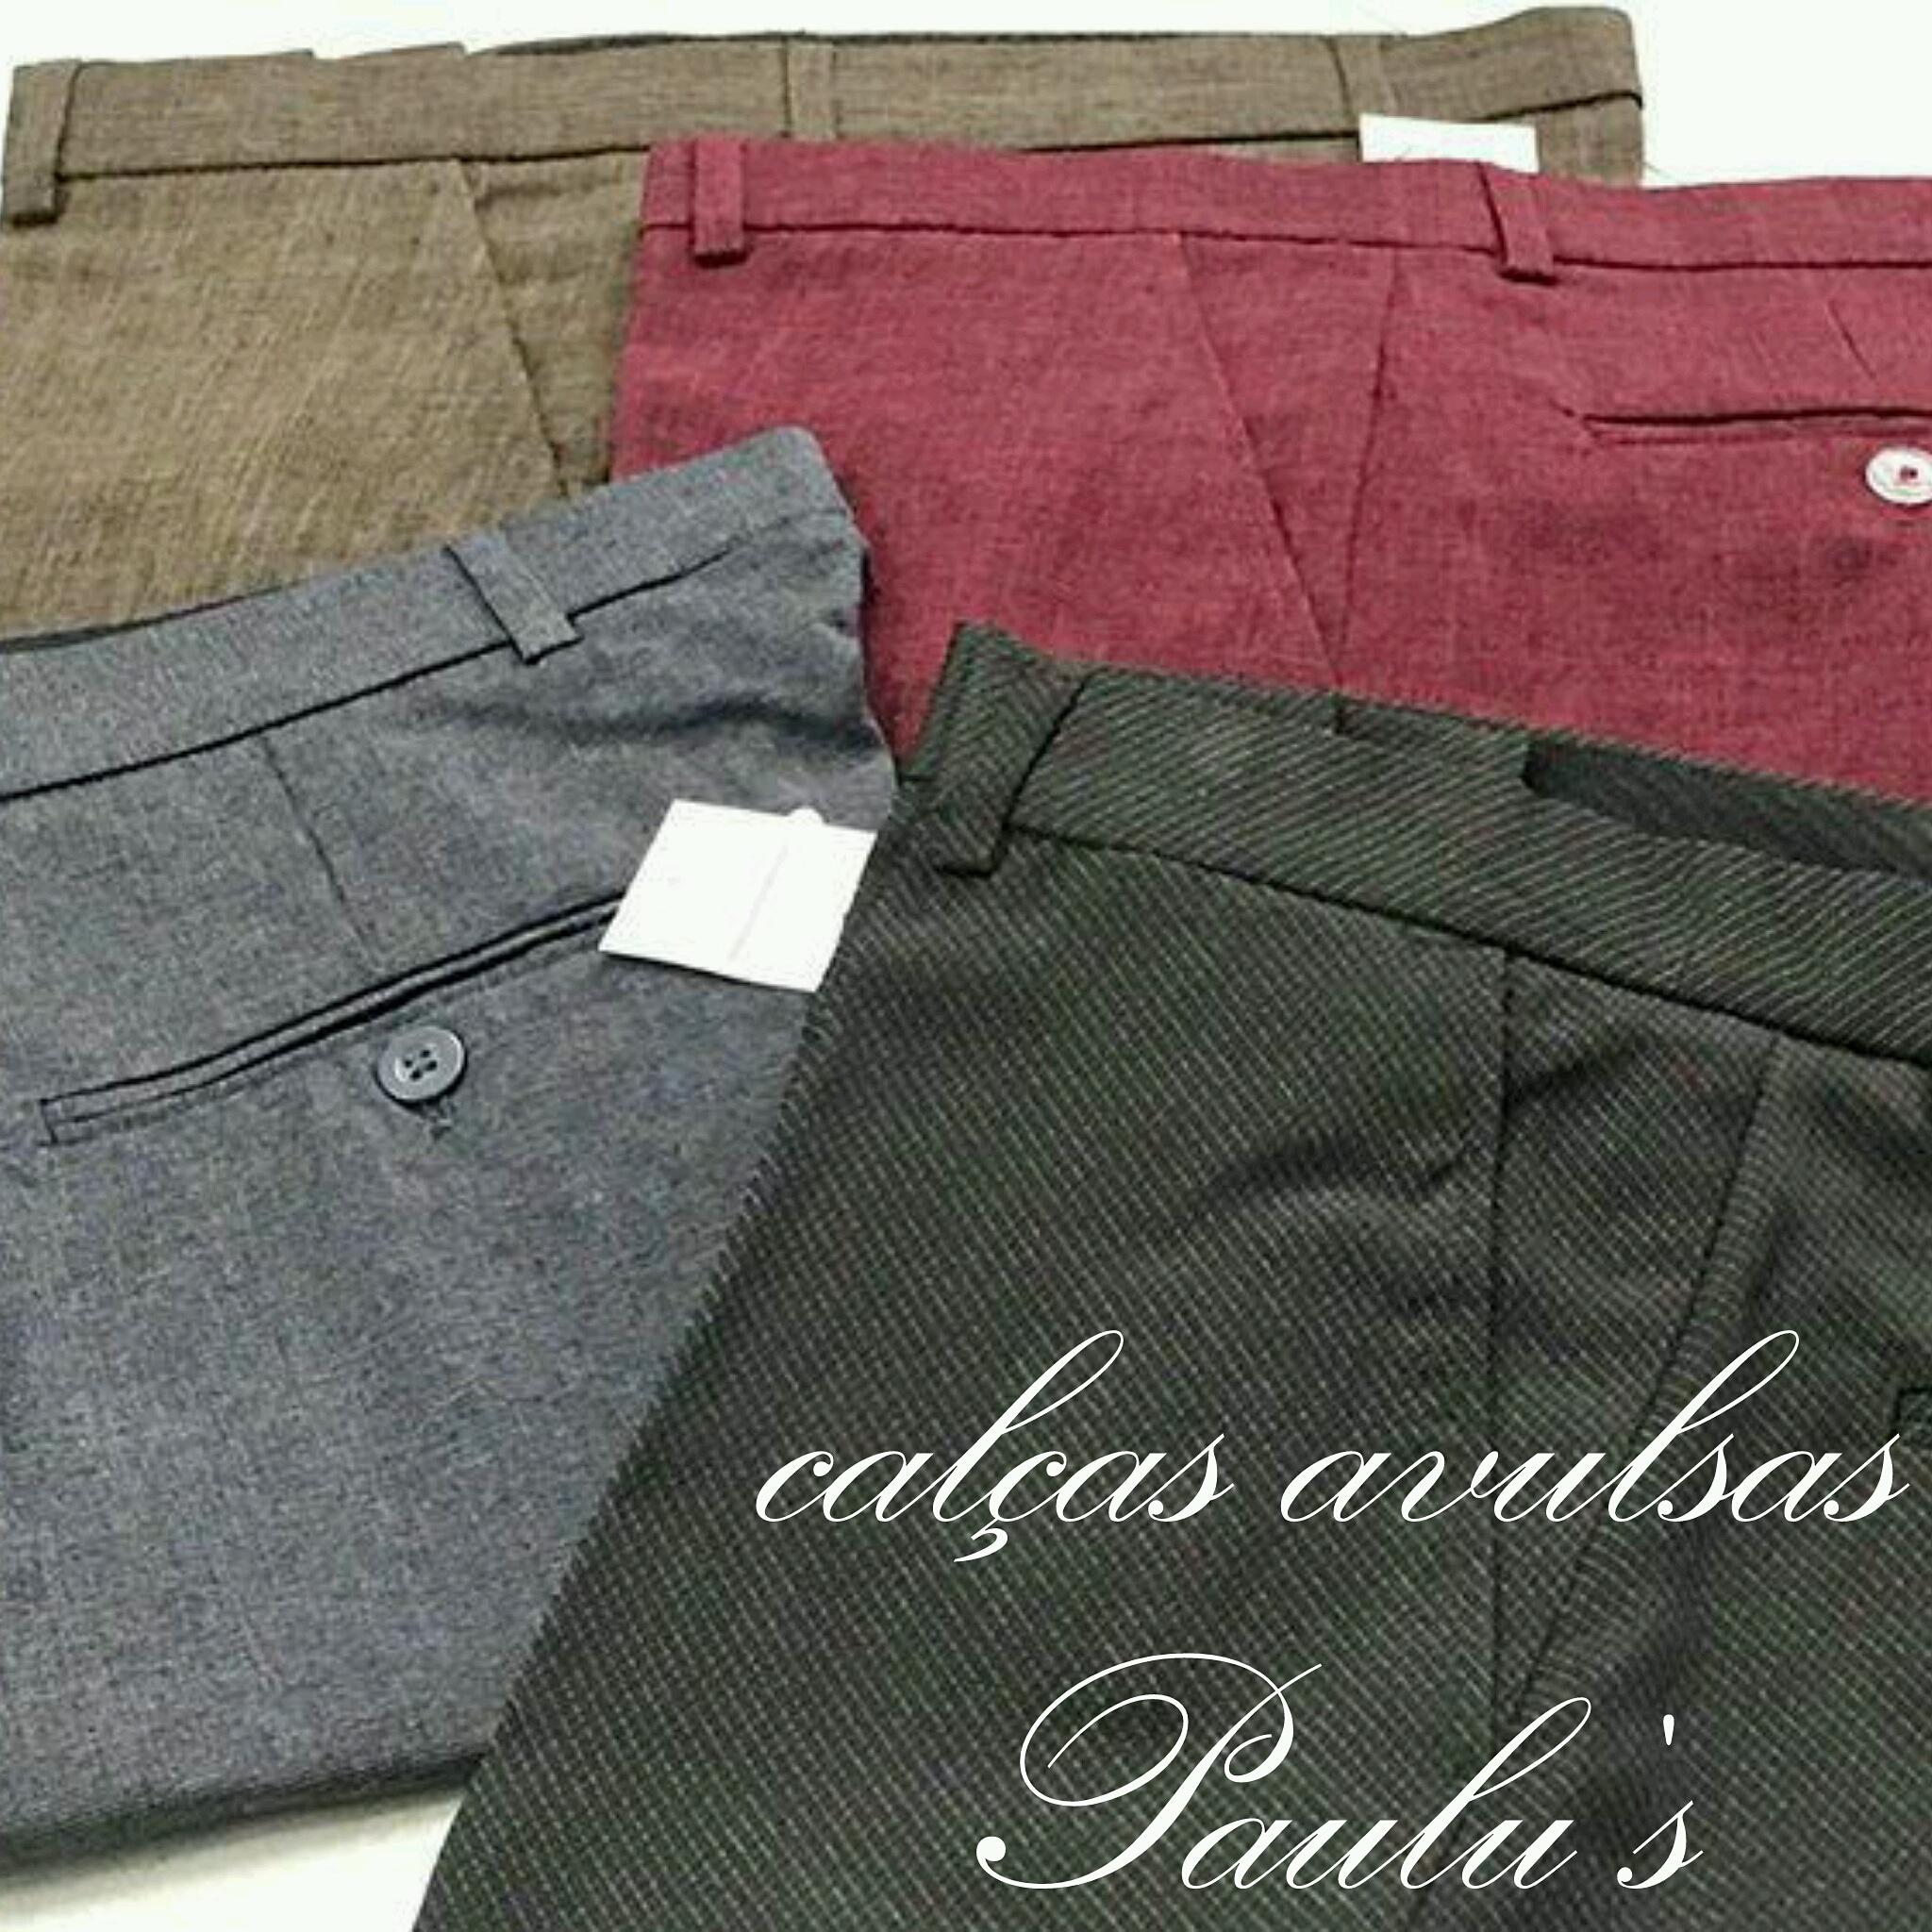 calças avulsas